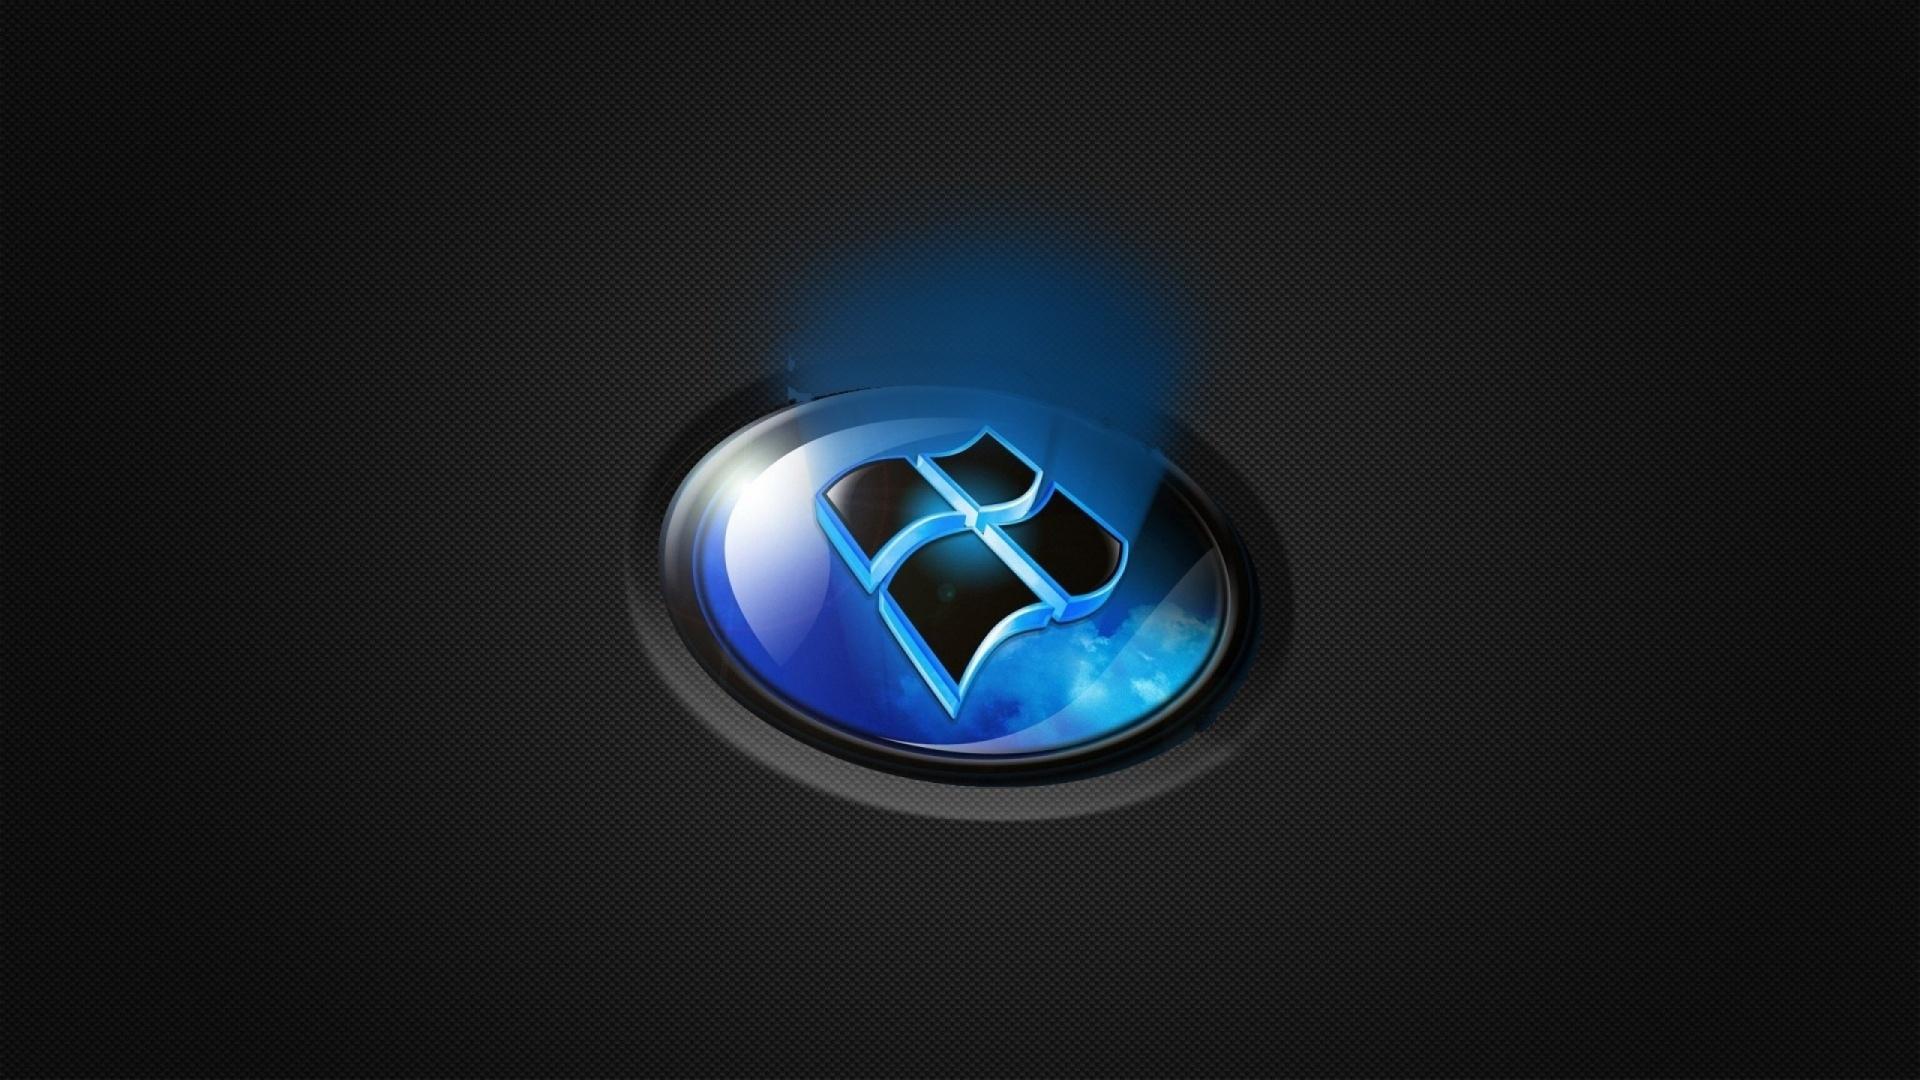 Full Hd Windows 8 Wallpaper 1920x1080 81 Blue HD